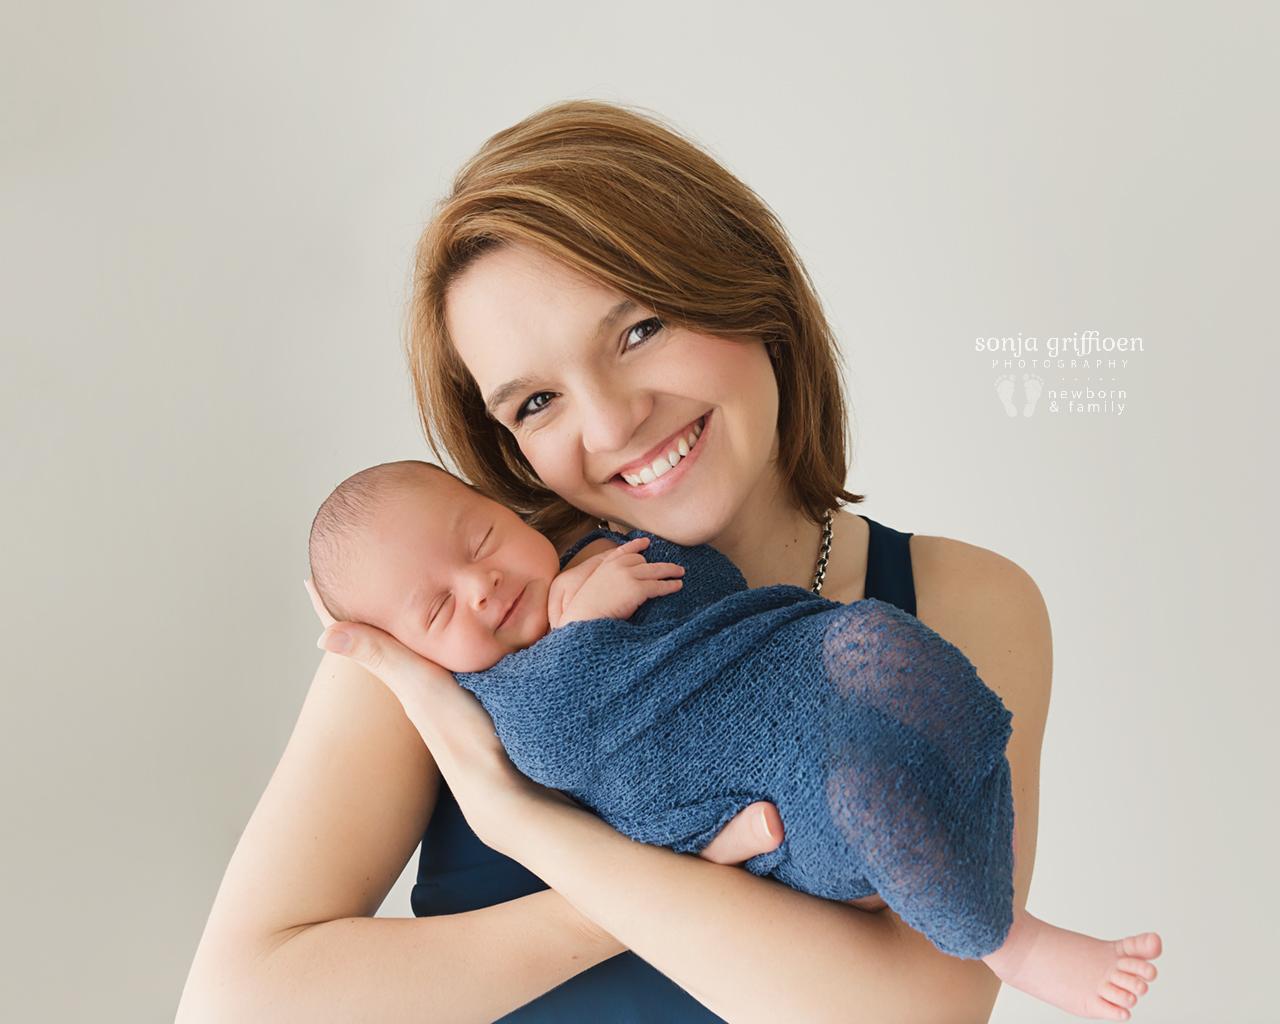 Mitchell-Newborn-Brisbane-Newborn-Photographer-Sonja-Griffioen-02.jpg